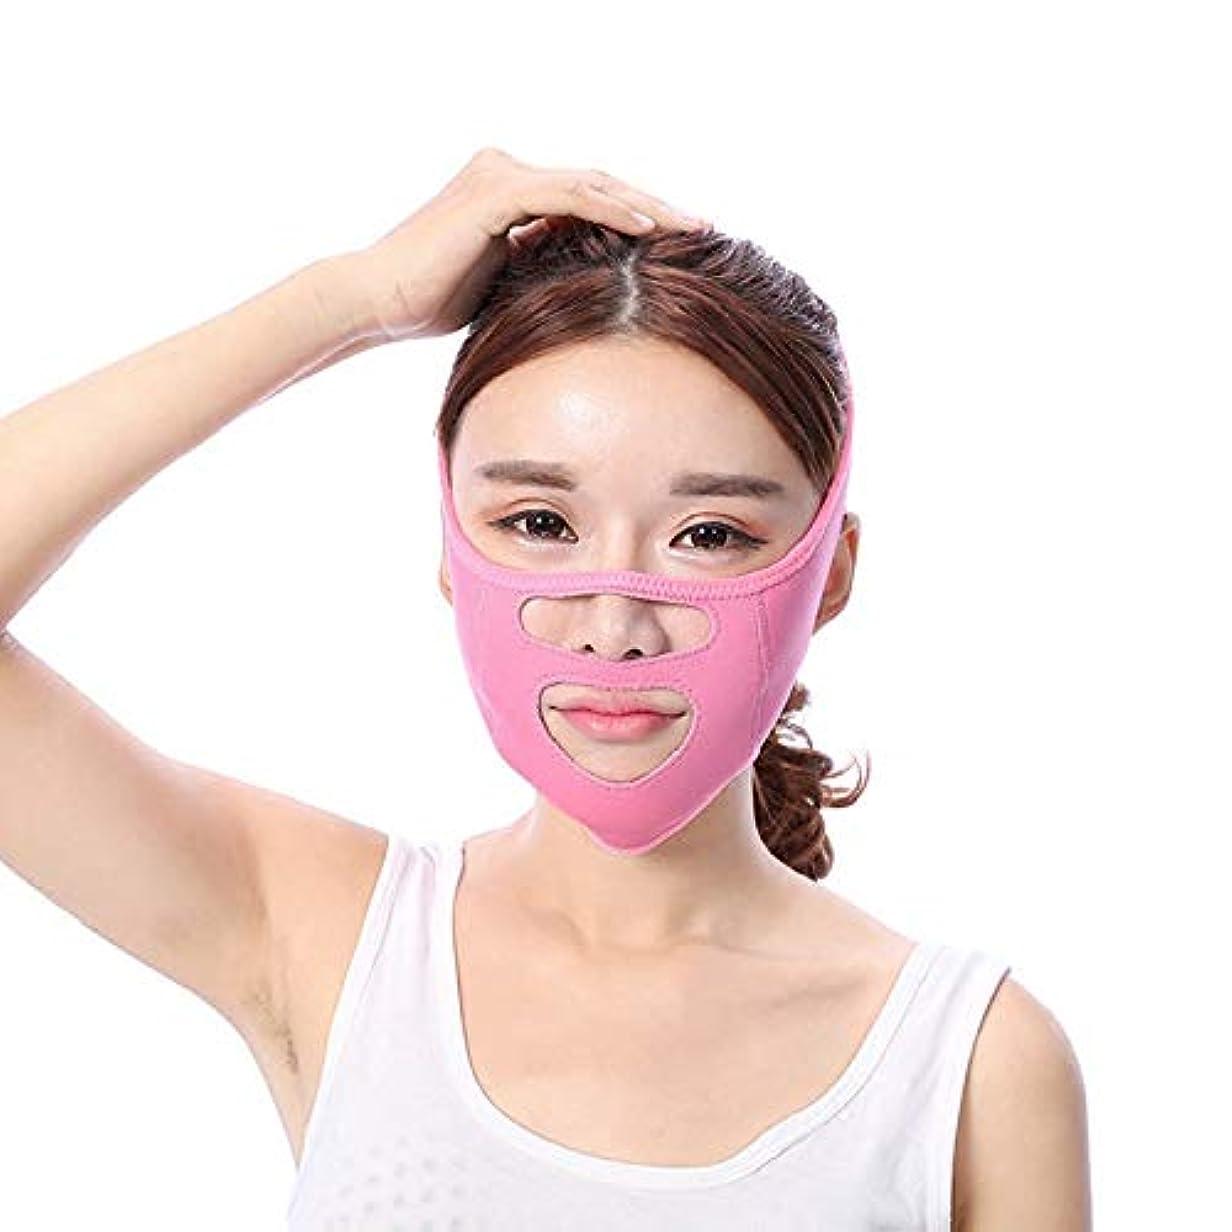 あざ農奴超えるMinmin 顔の持ち上がる痩身ベルト - あなたの顔のための素晴らしいトレーニング二重あごのワークアウトフェイスマスクベルト薄い顔包帯整形マスクは顔と首を締めますフェイススリム みんみんVラインフェイスマスク